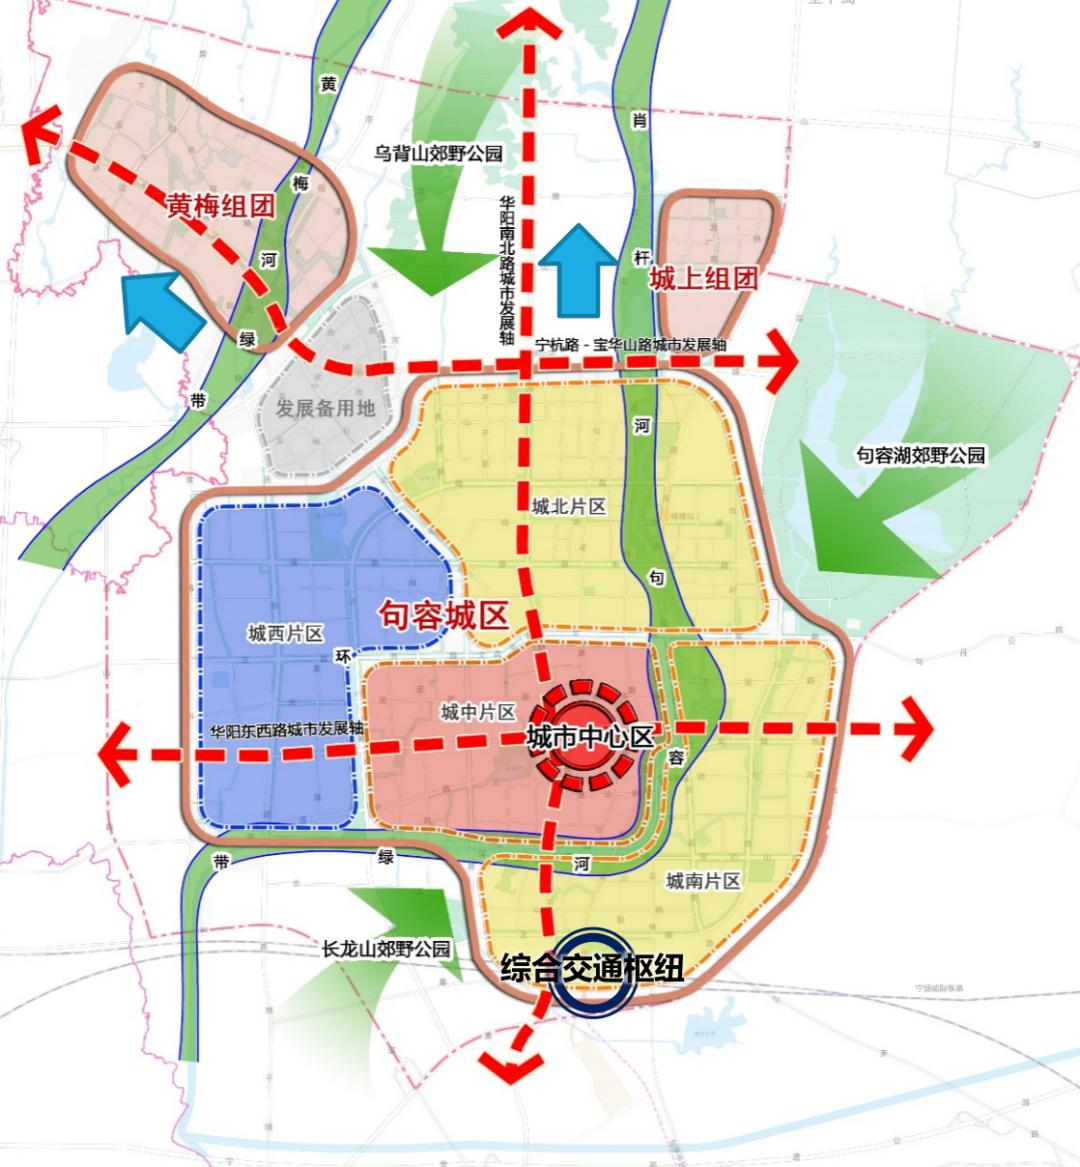 ▲ 句容城市规划片区分布